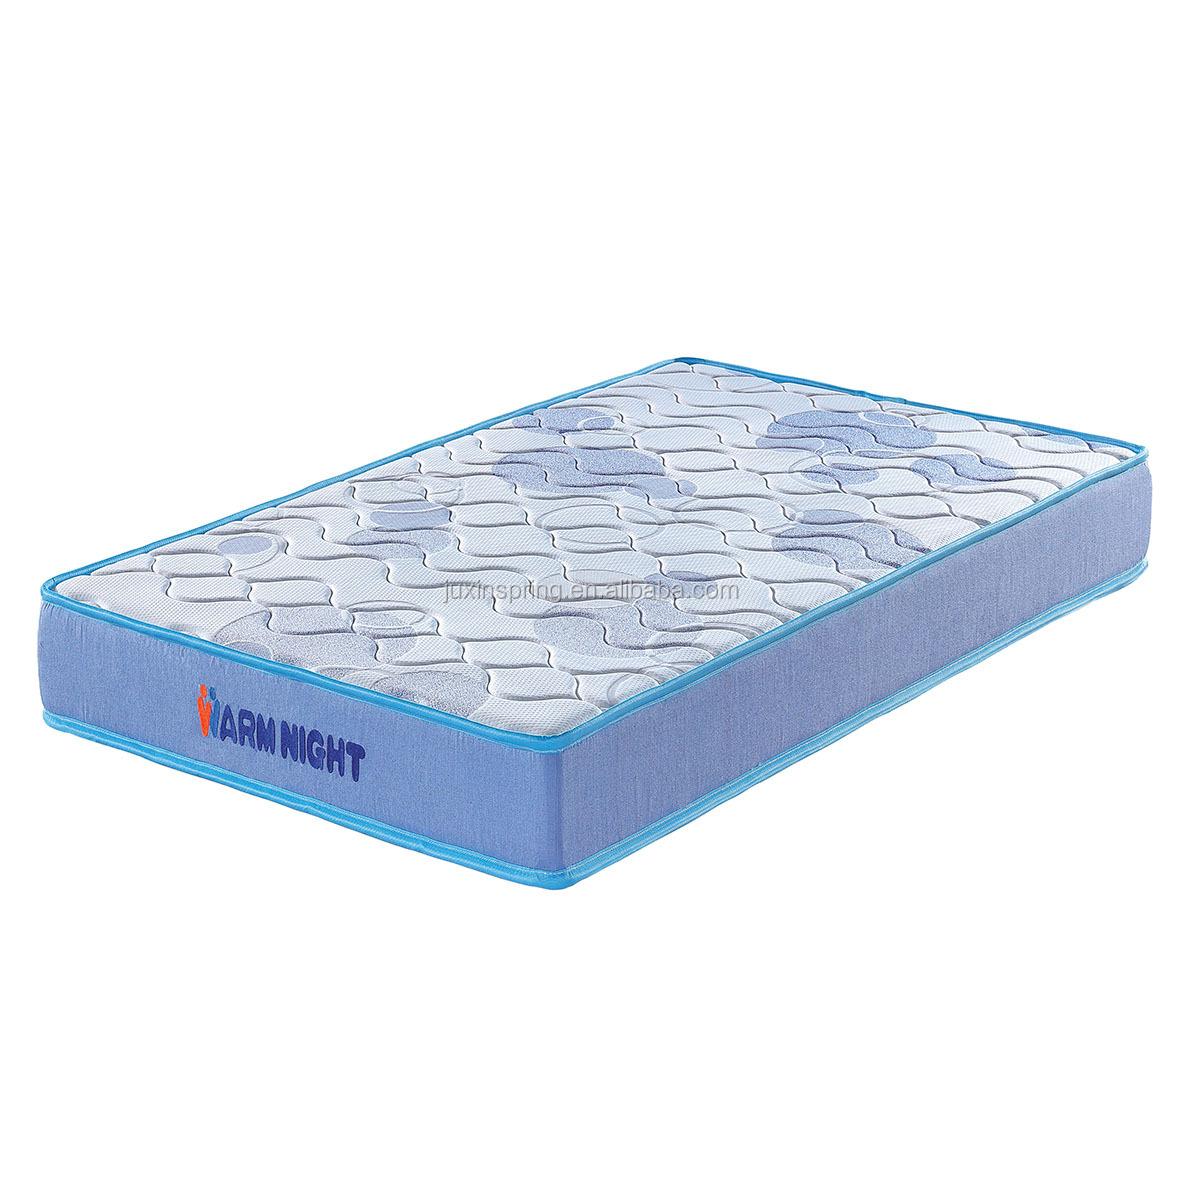 Safety Children Compressed Foam Mattress Mattress In A Box Buy